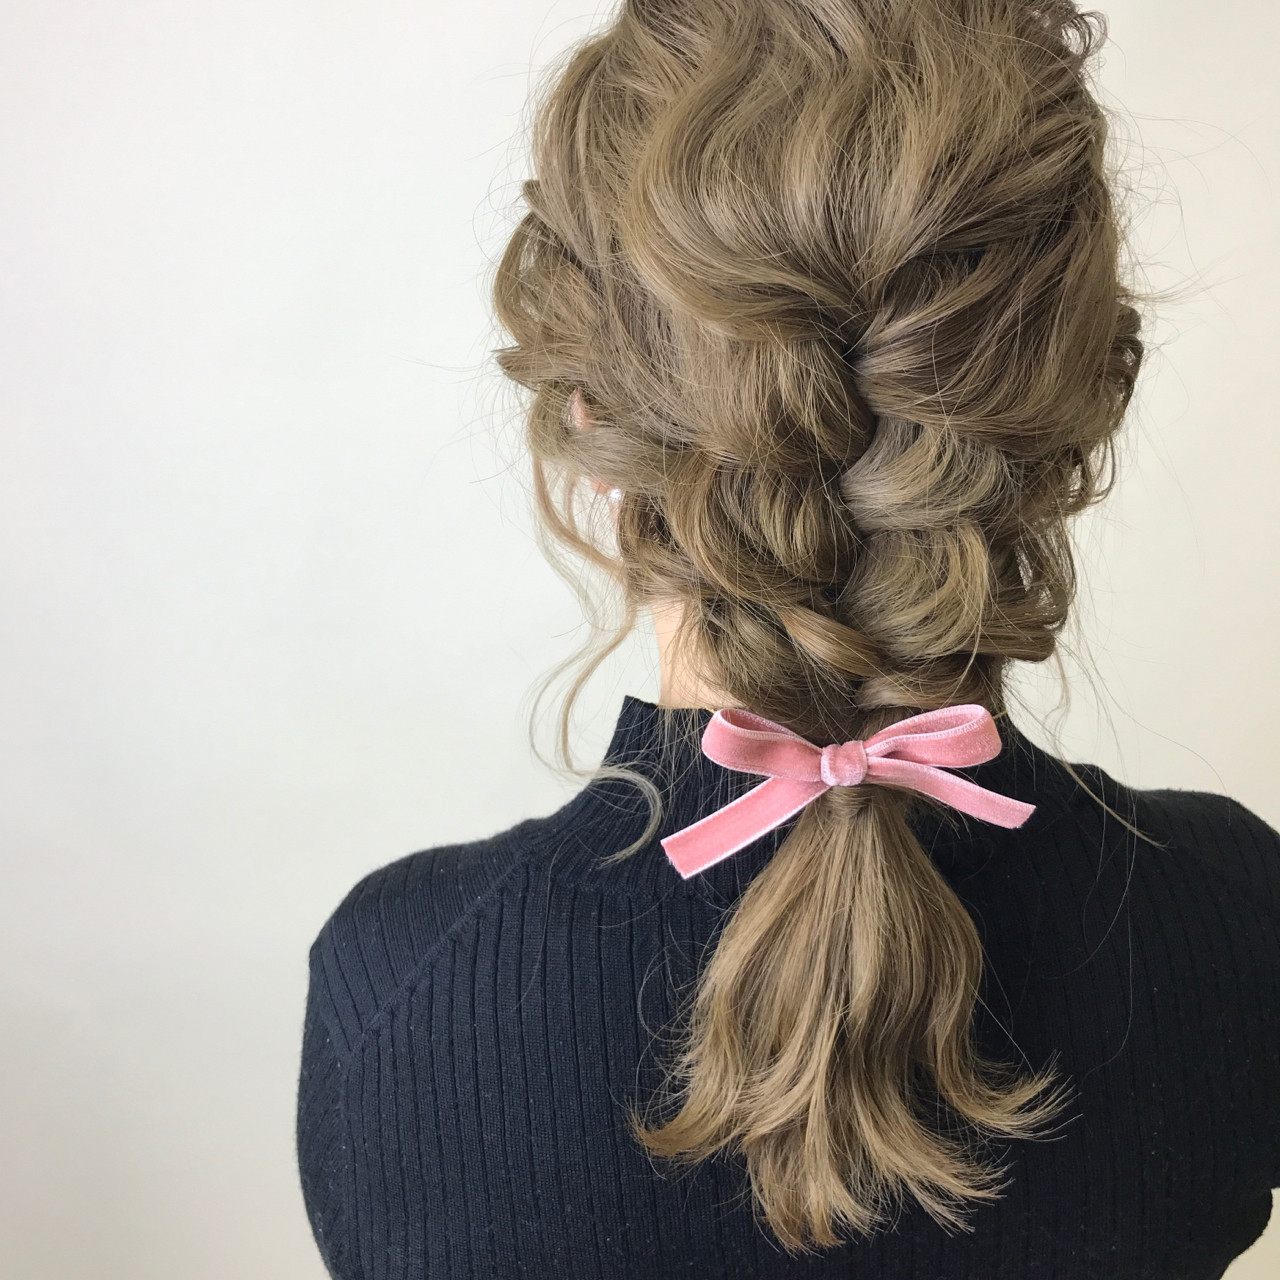 ナチュラル 編み込み ヘアアレンジ ミディアム ヘアスタイルや髪型の写真・画像